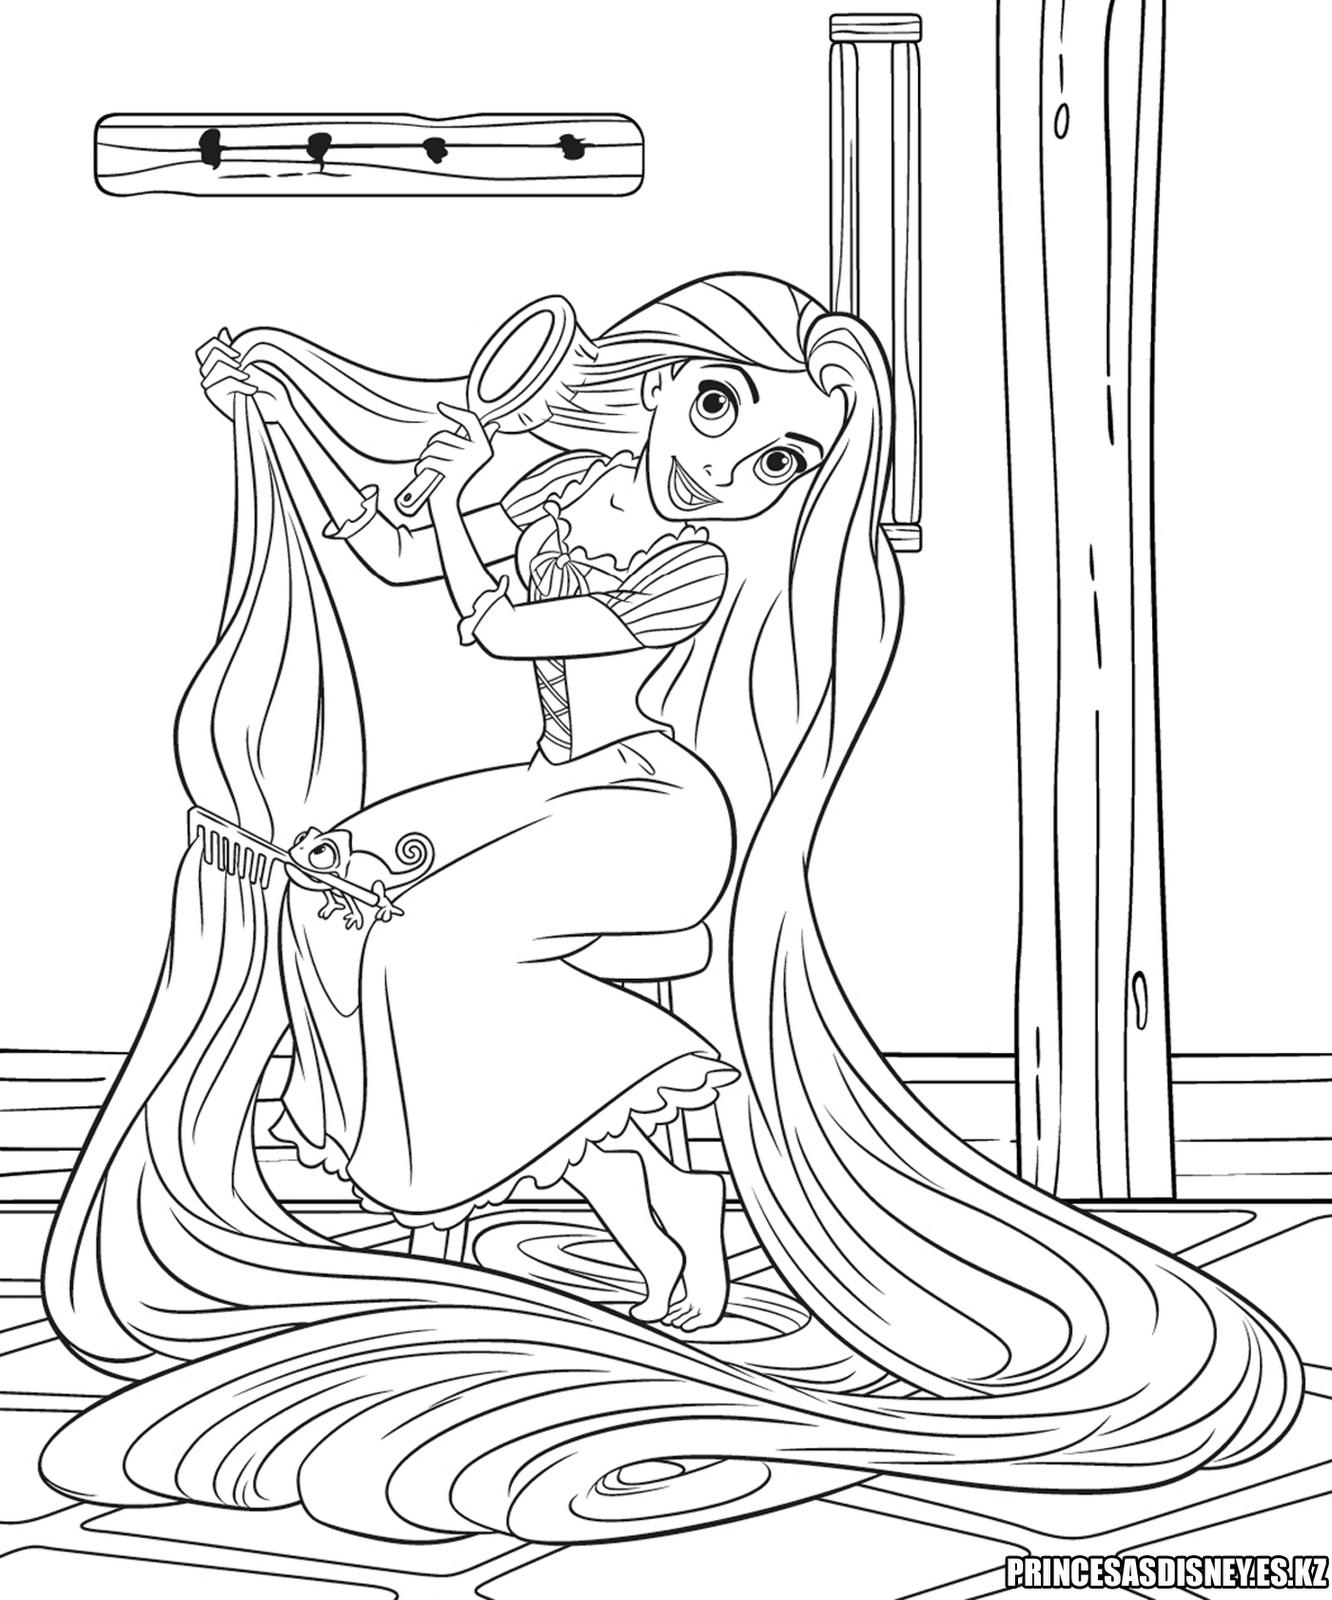 dibujo para colorear de walt disney: